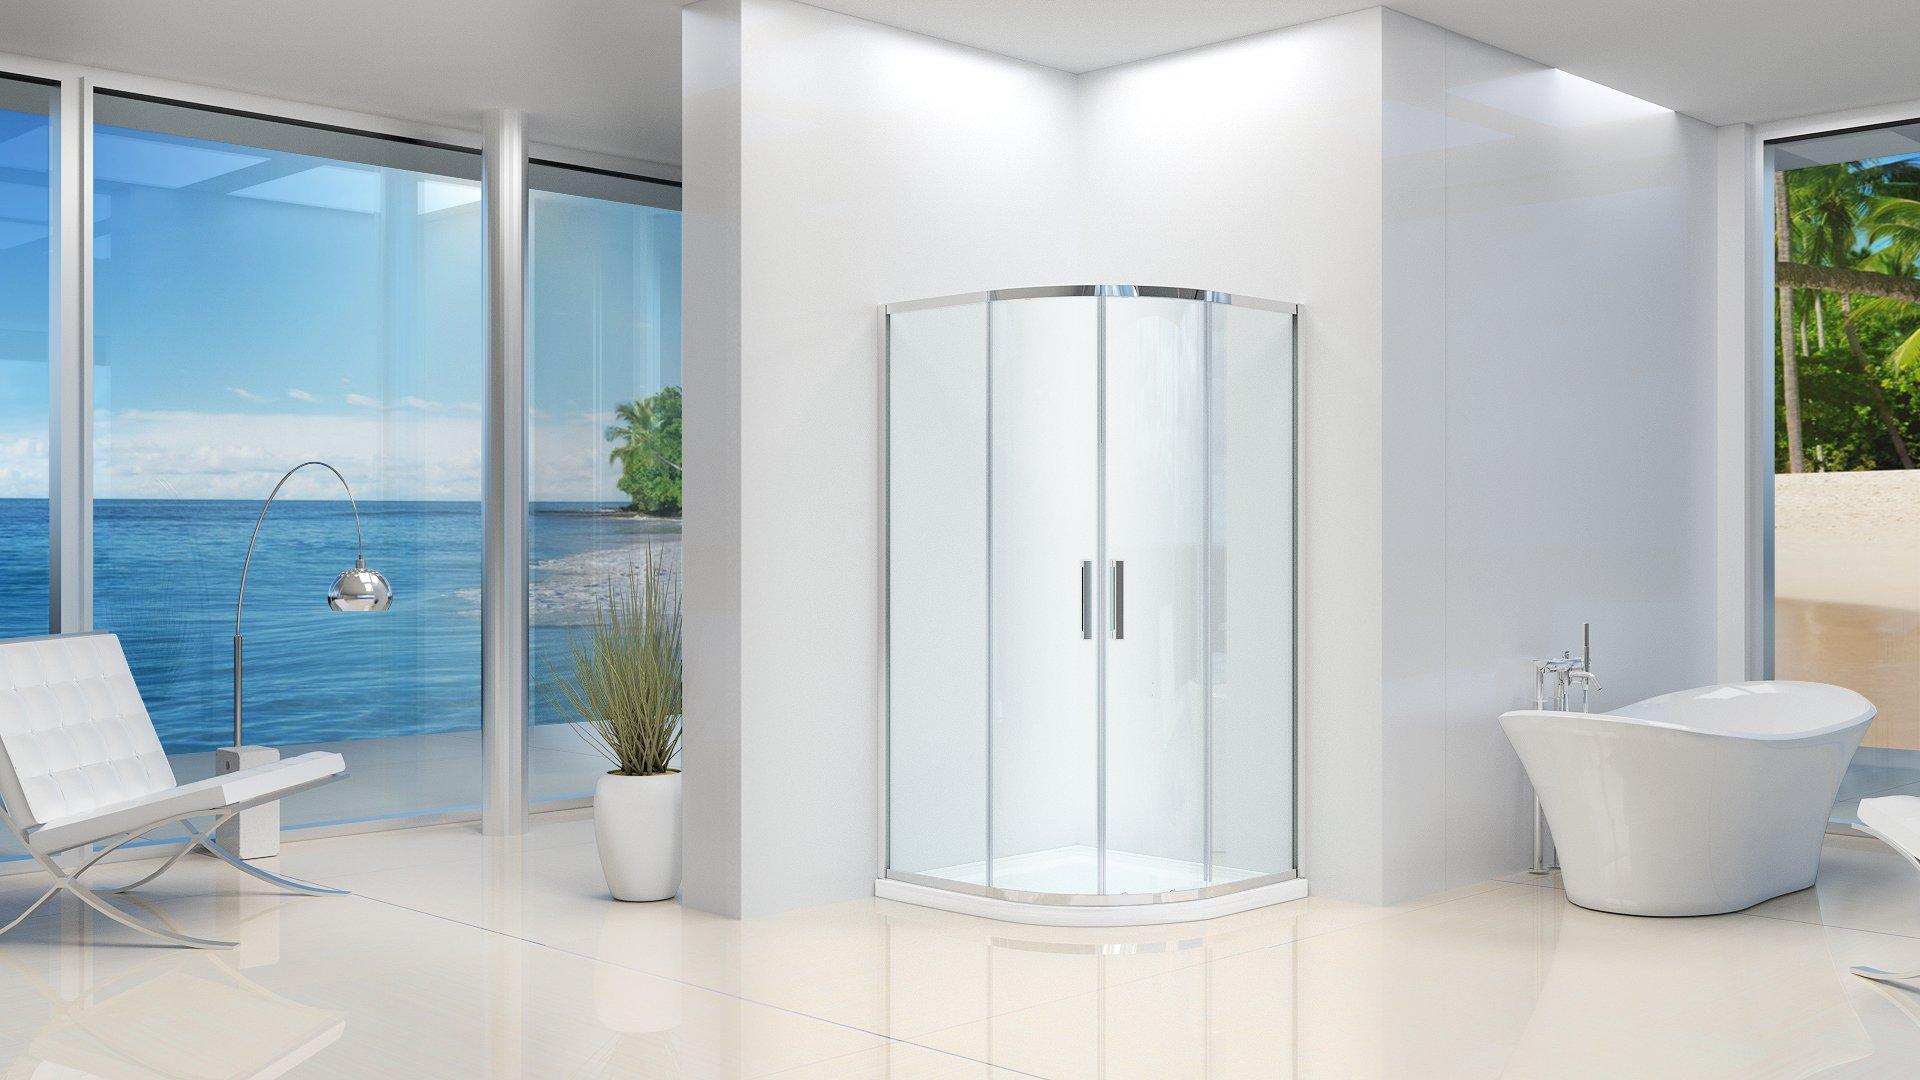 Box ducha semicircular mate con puertas correderas 6 mm 90 x 90 ...